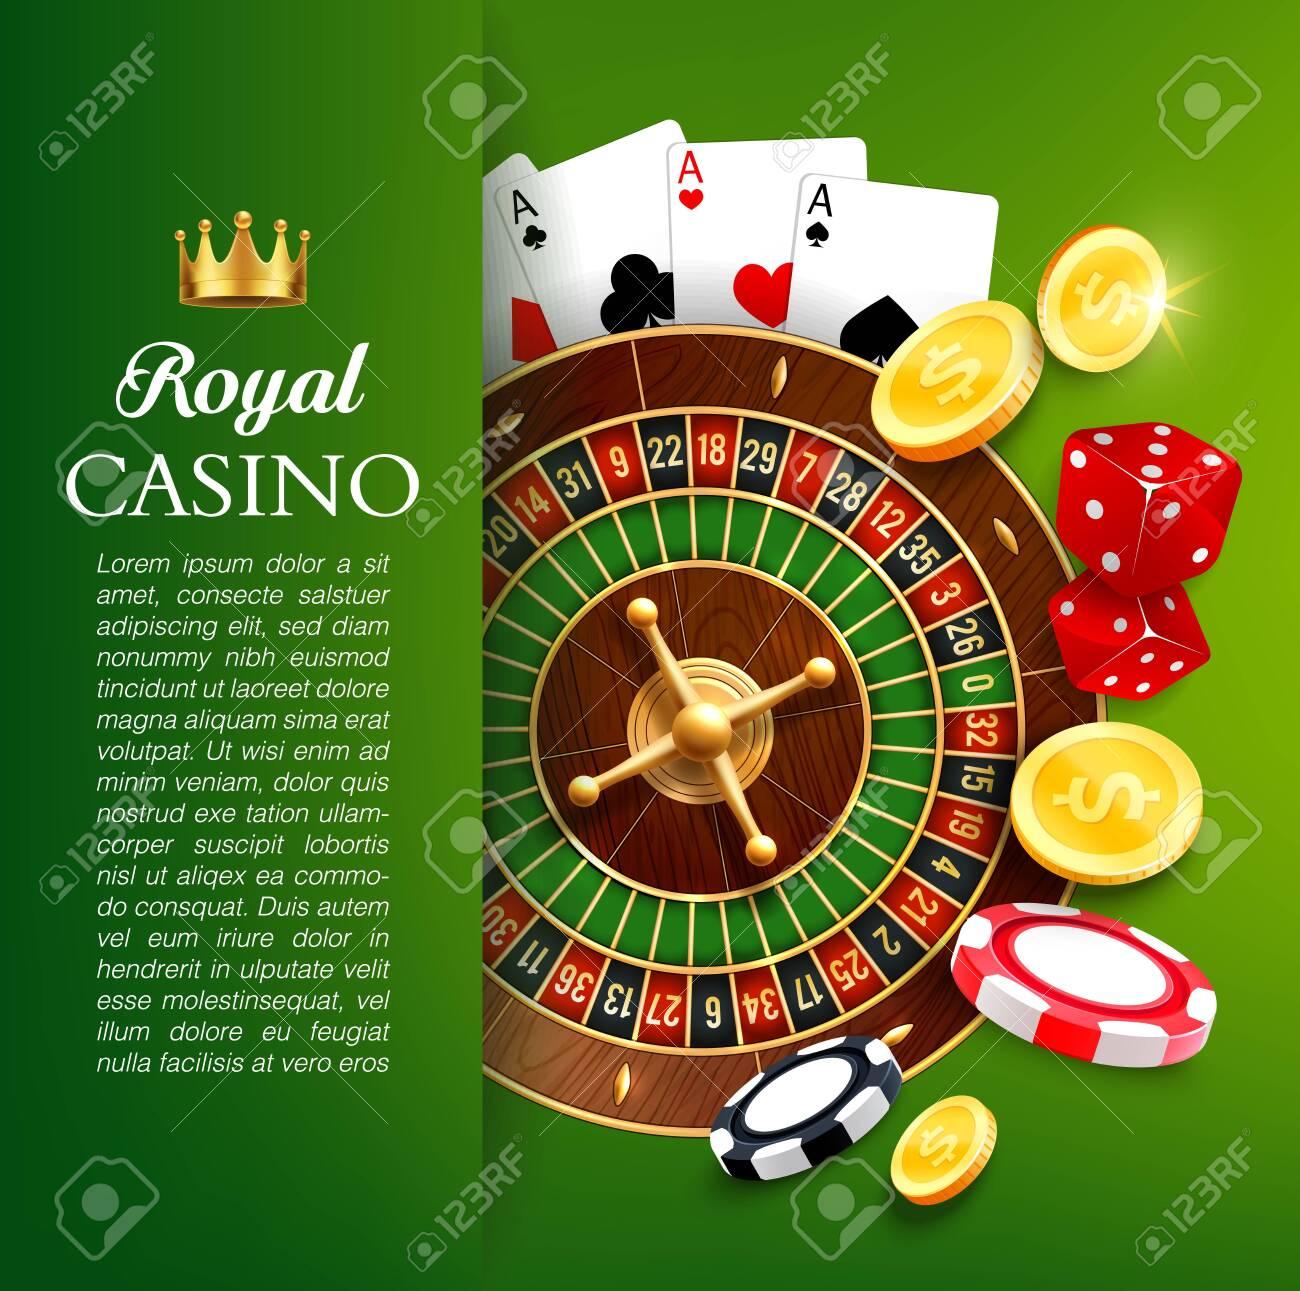 Casino, online gambling games vector design. - 140418015